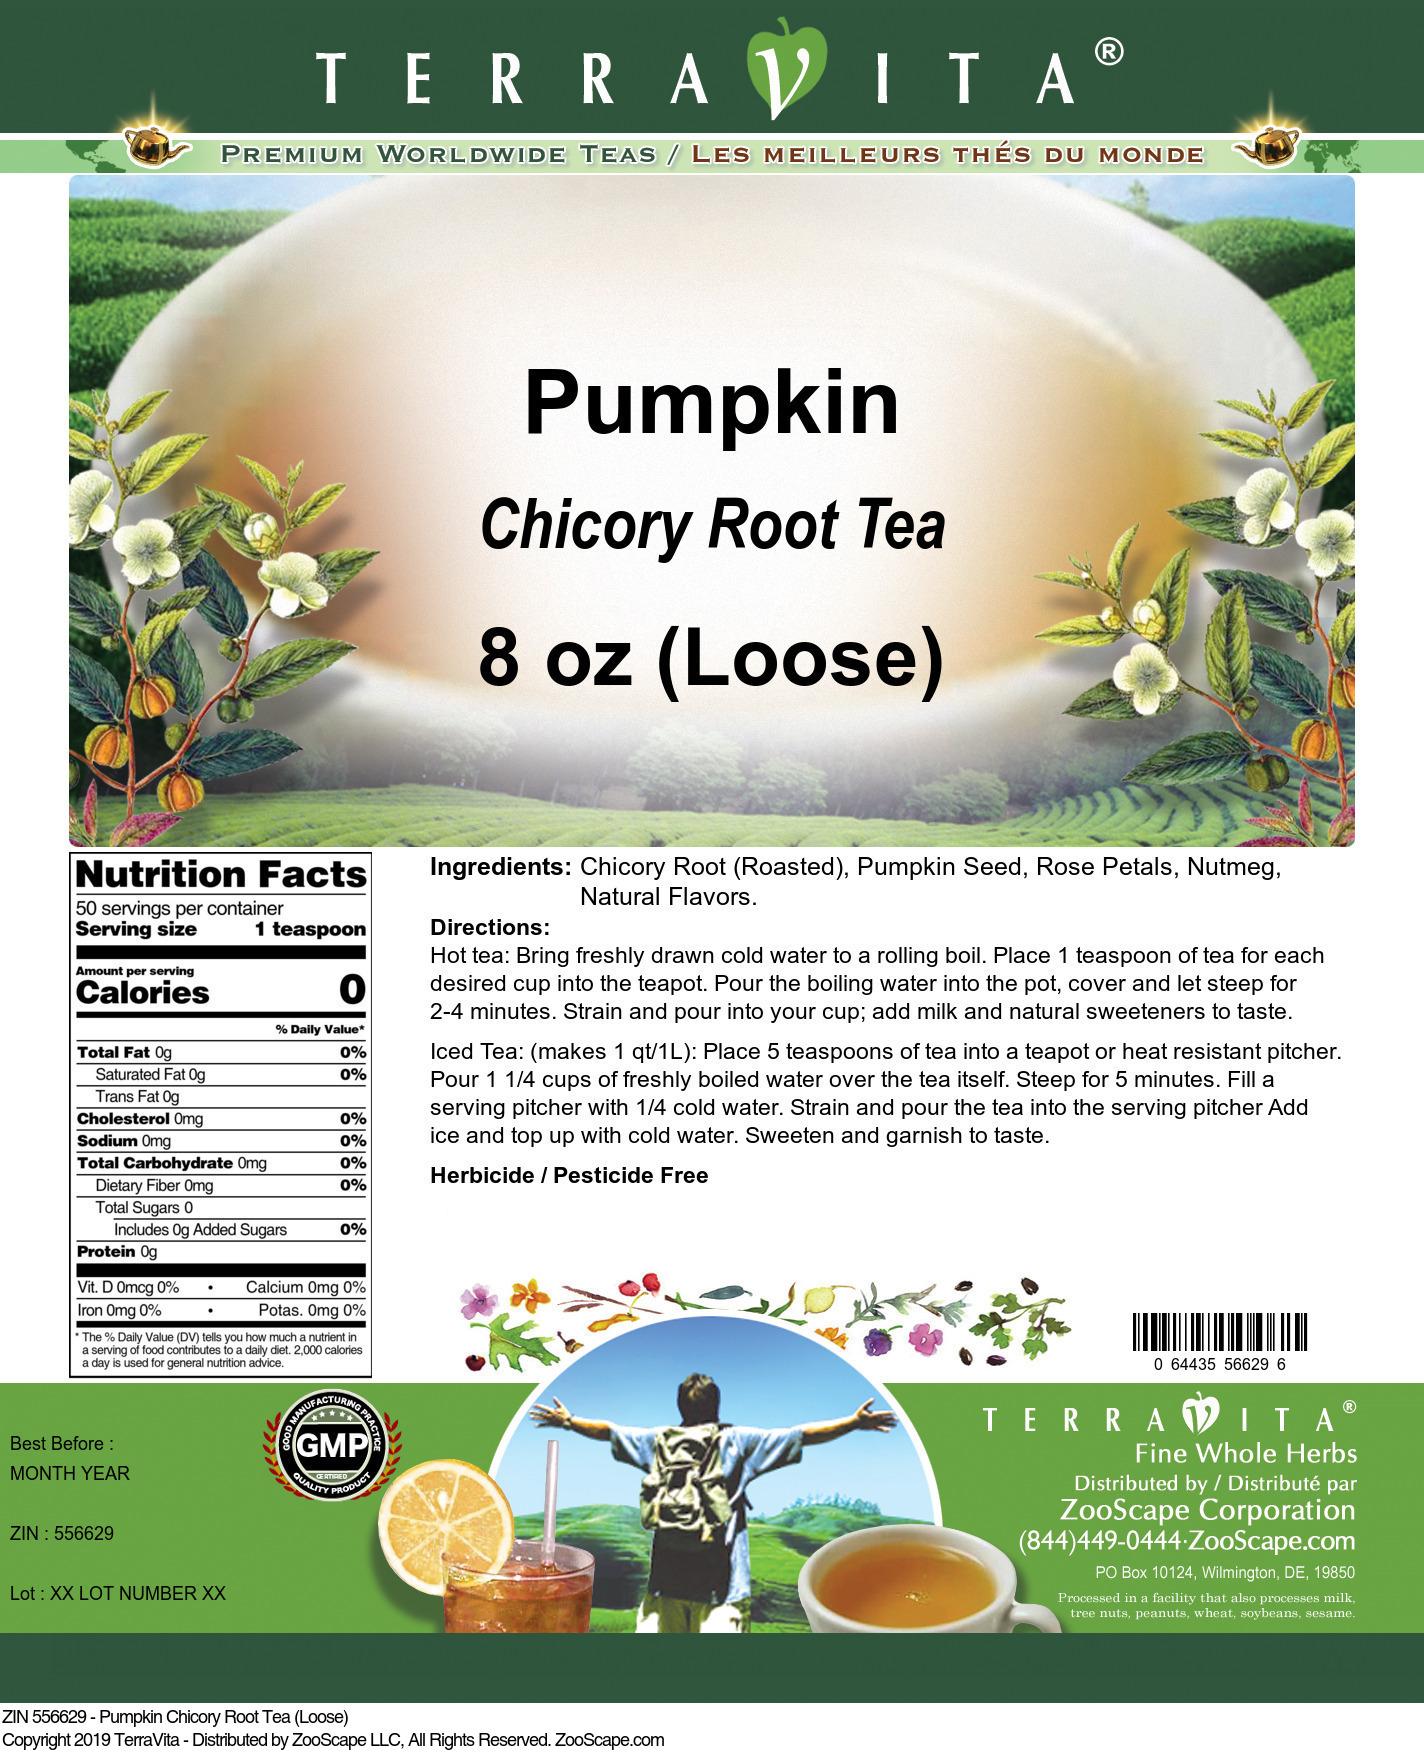 Pumpkin Chicory Root